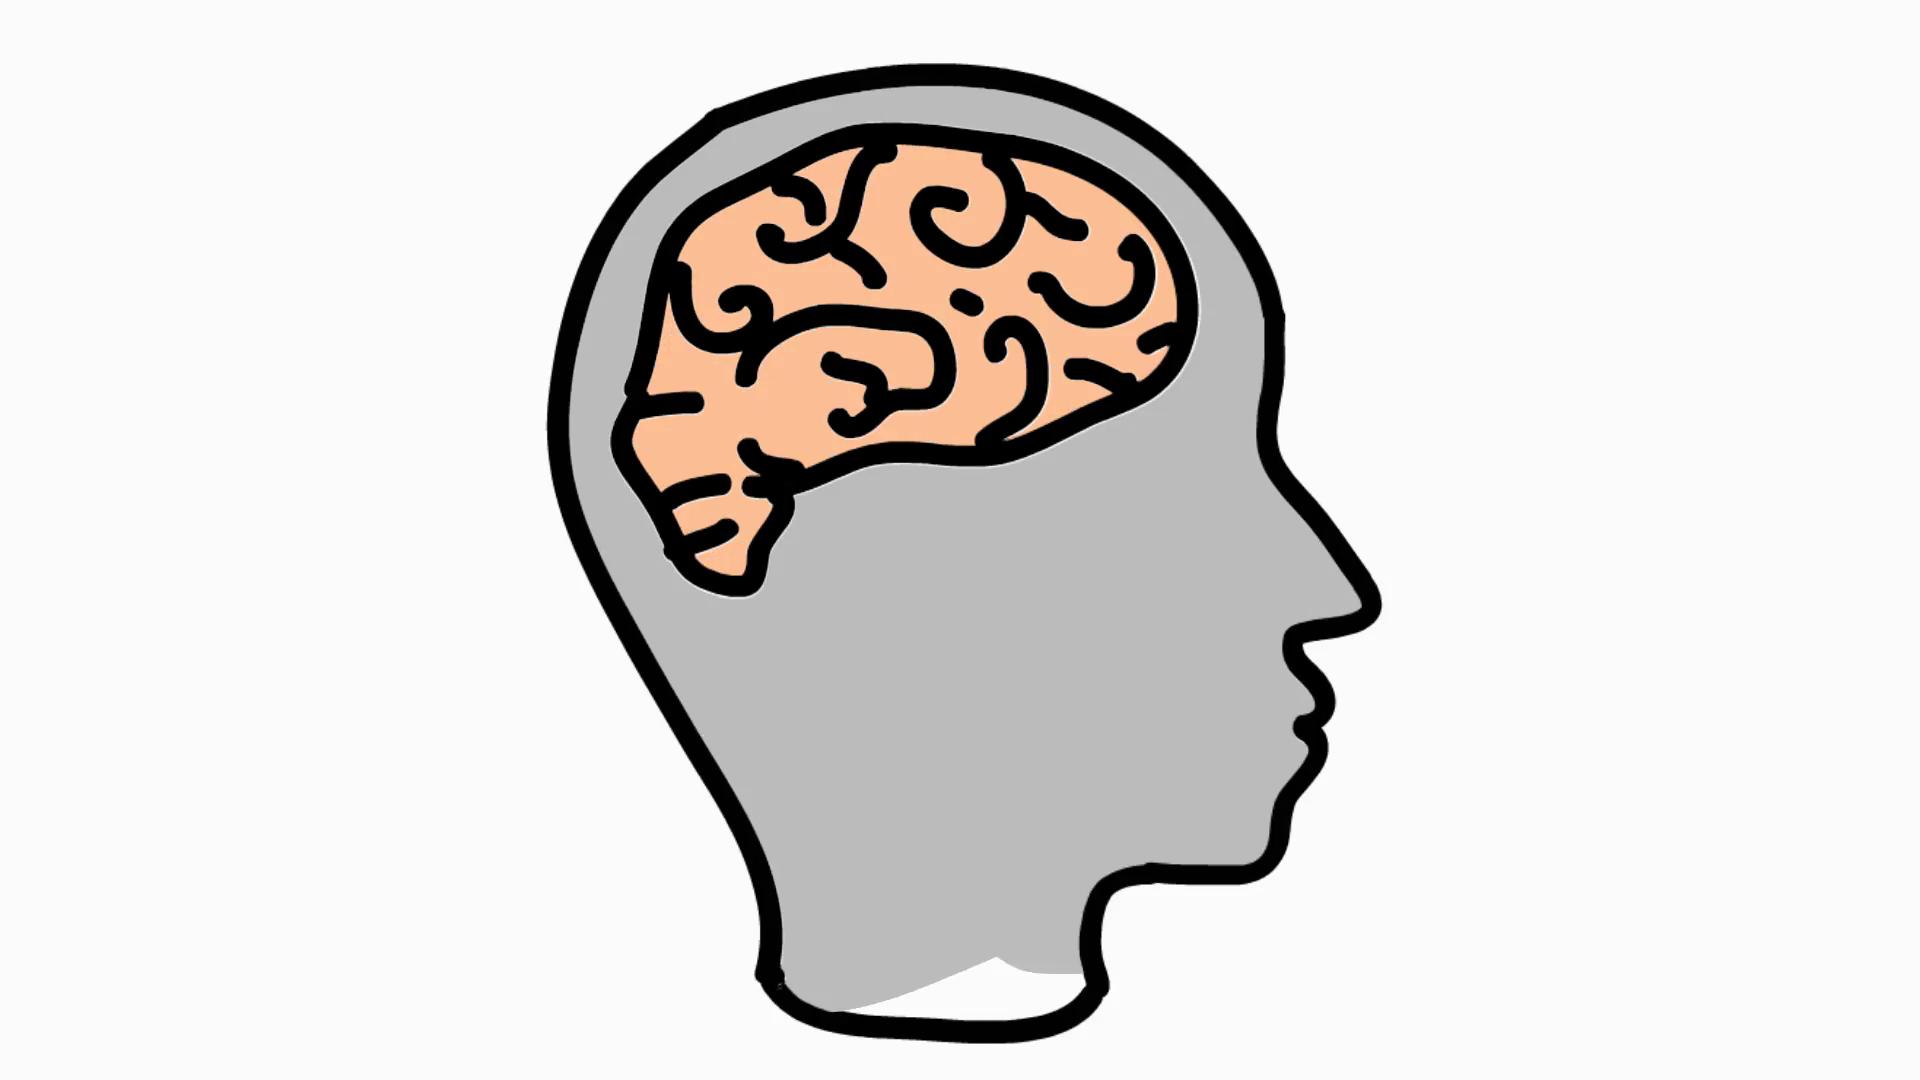 1920x1080 Brains Clipart Transparent Background